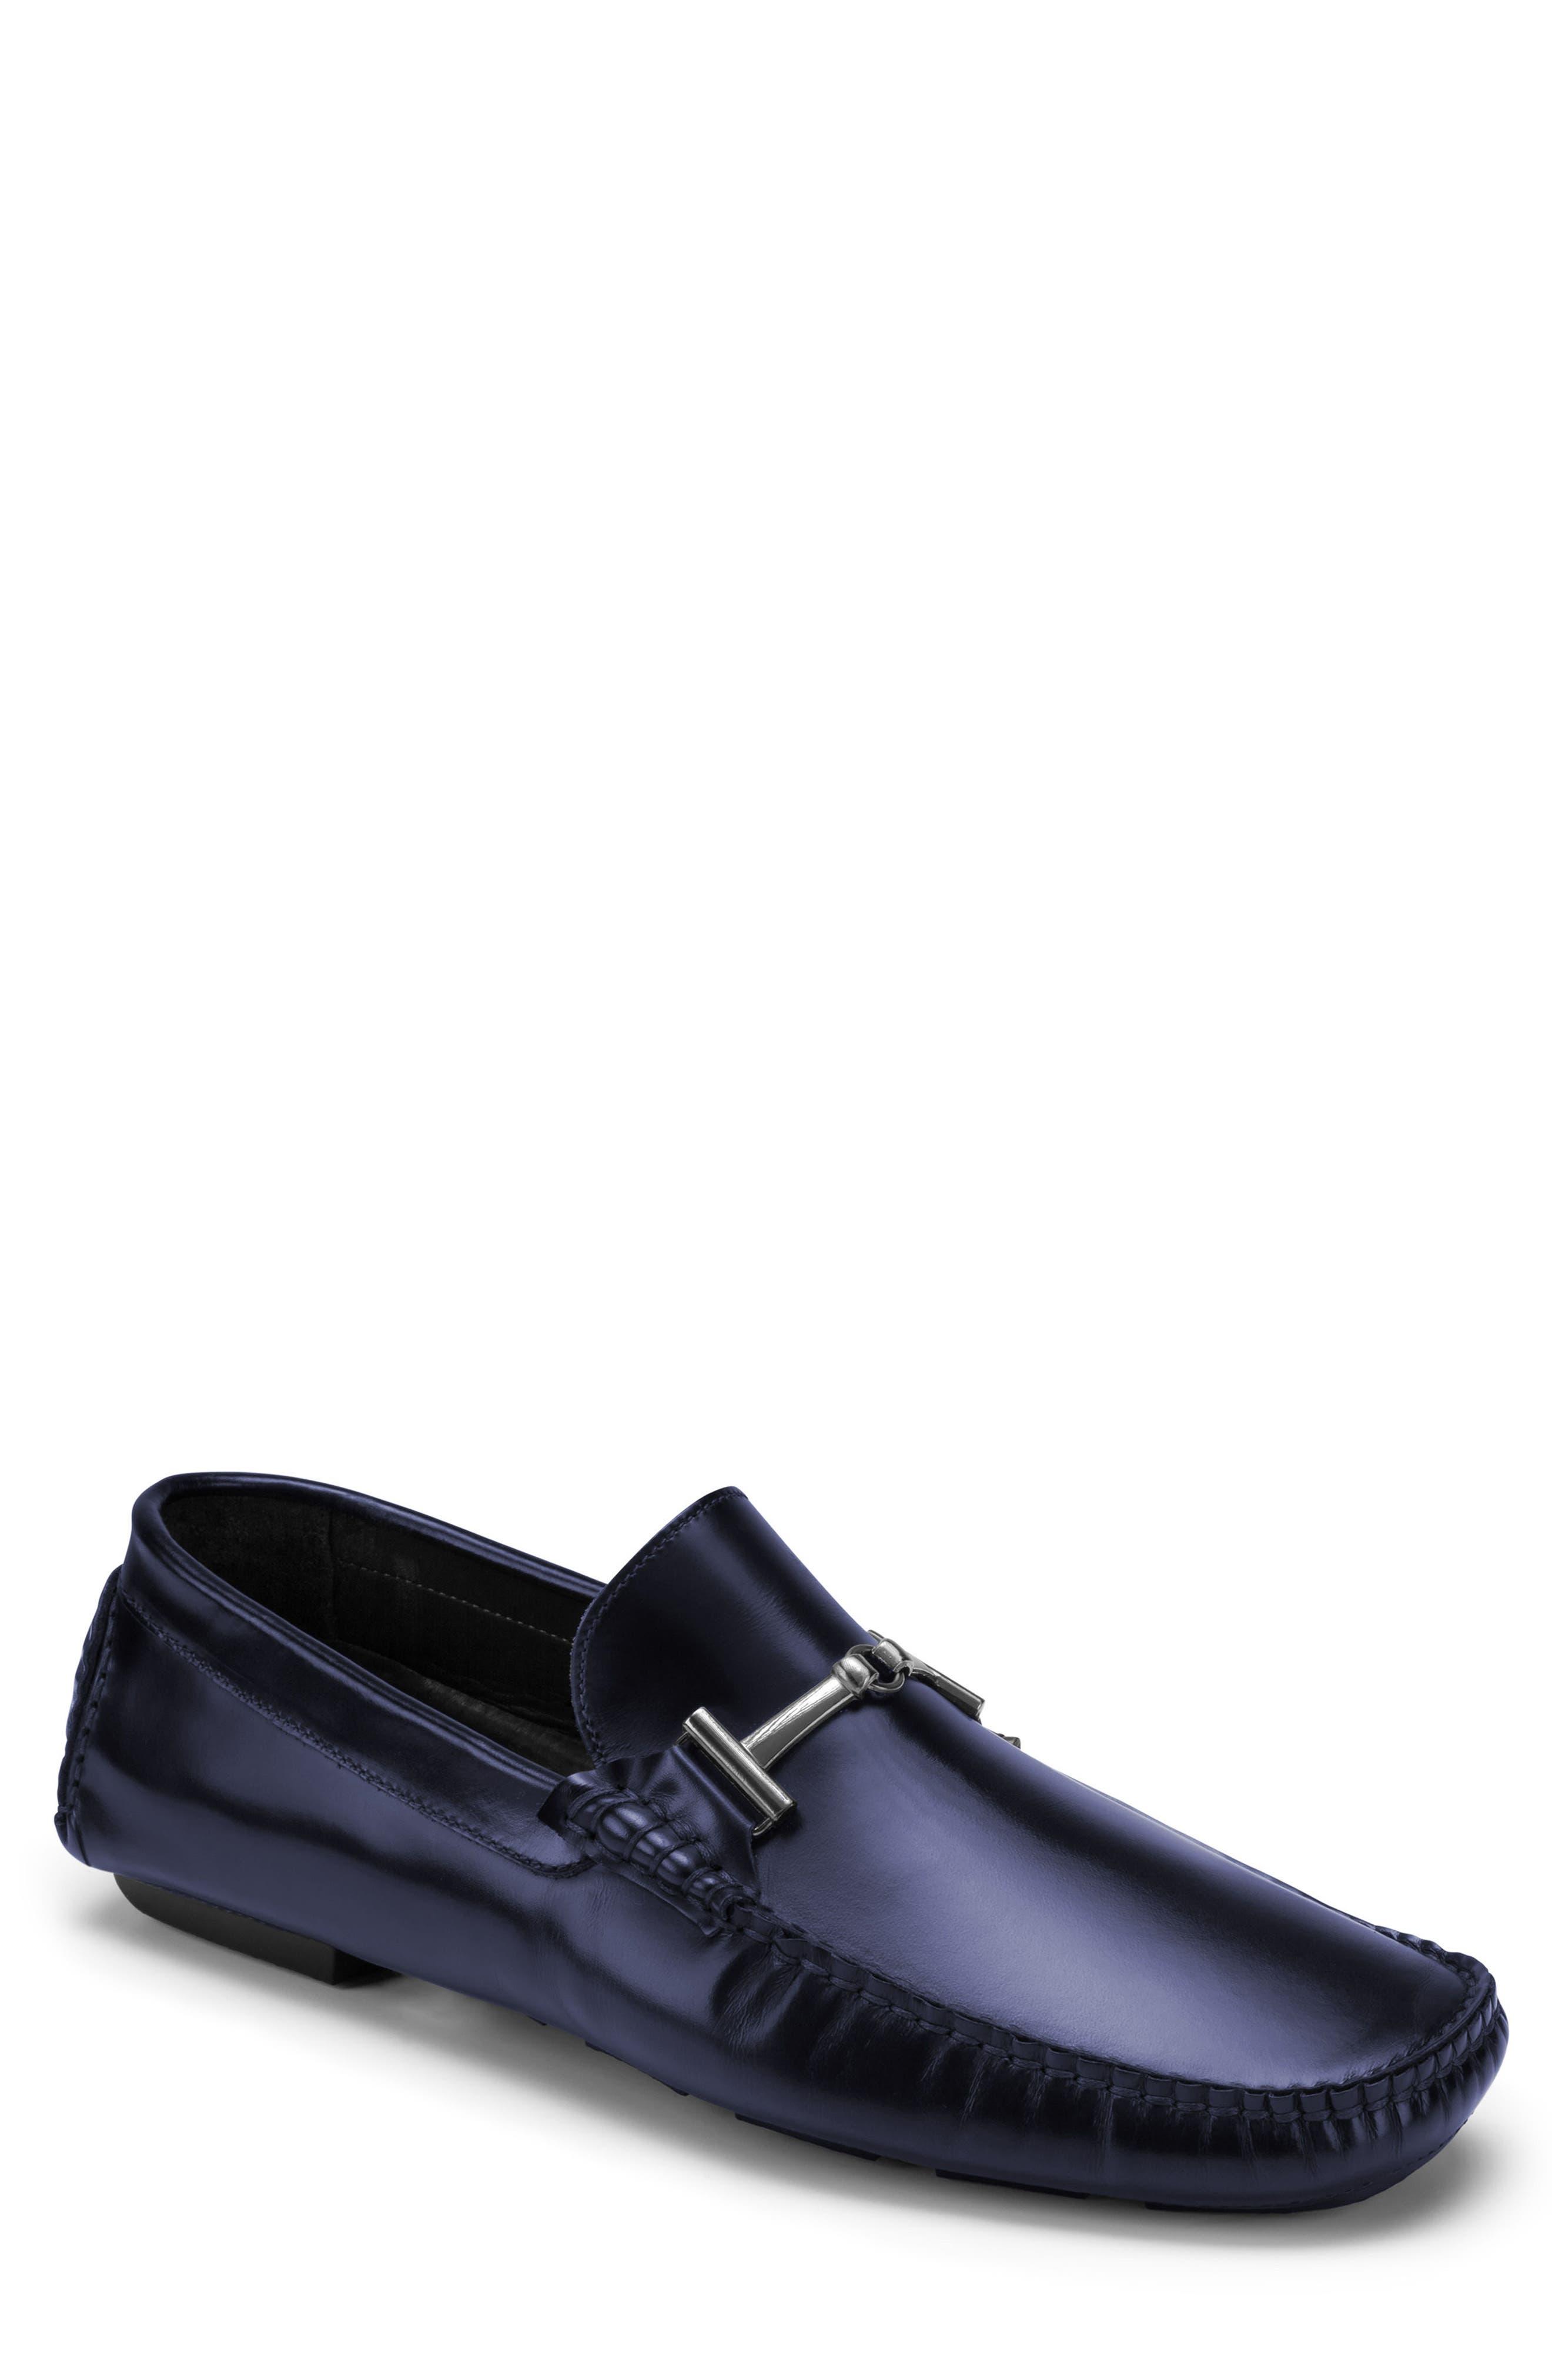 St. Tropez Driving Shoe,                             Main thumbnail 1, color,                             Blue Leather